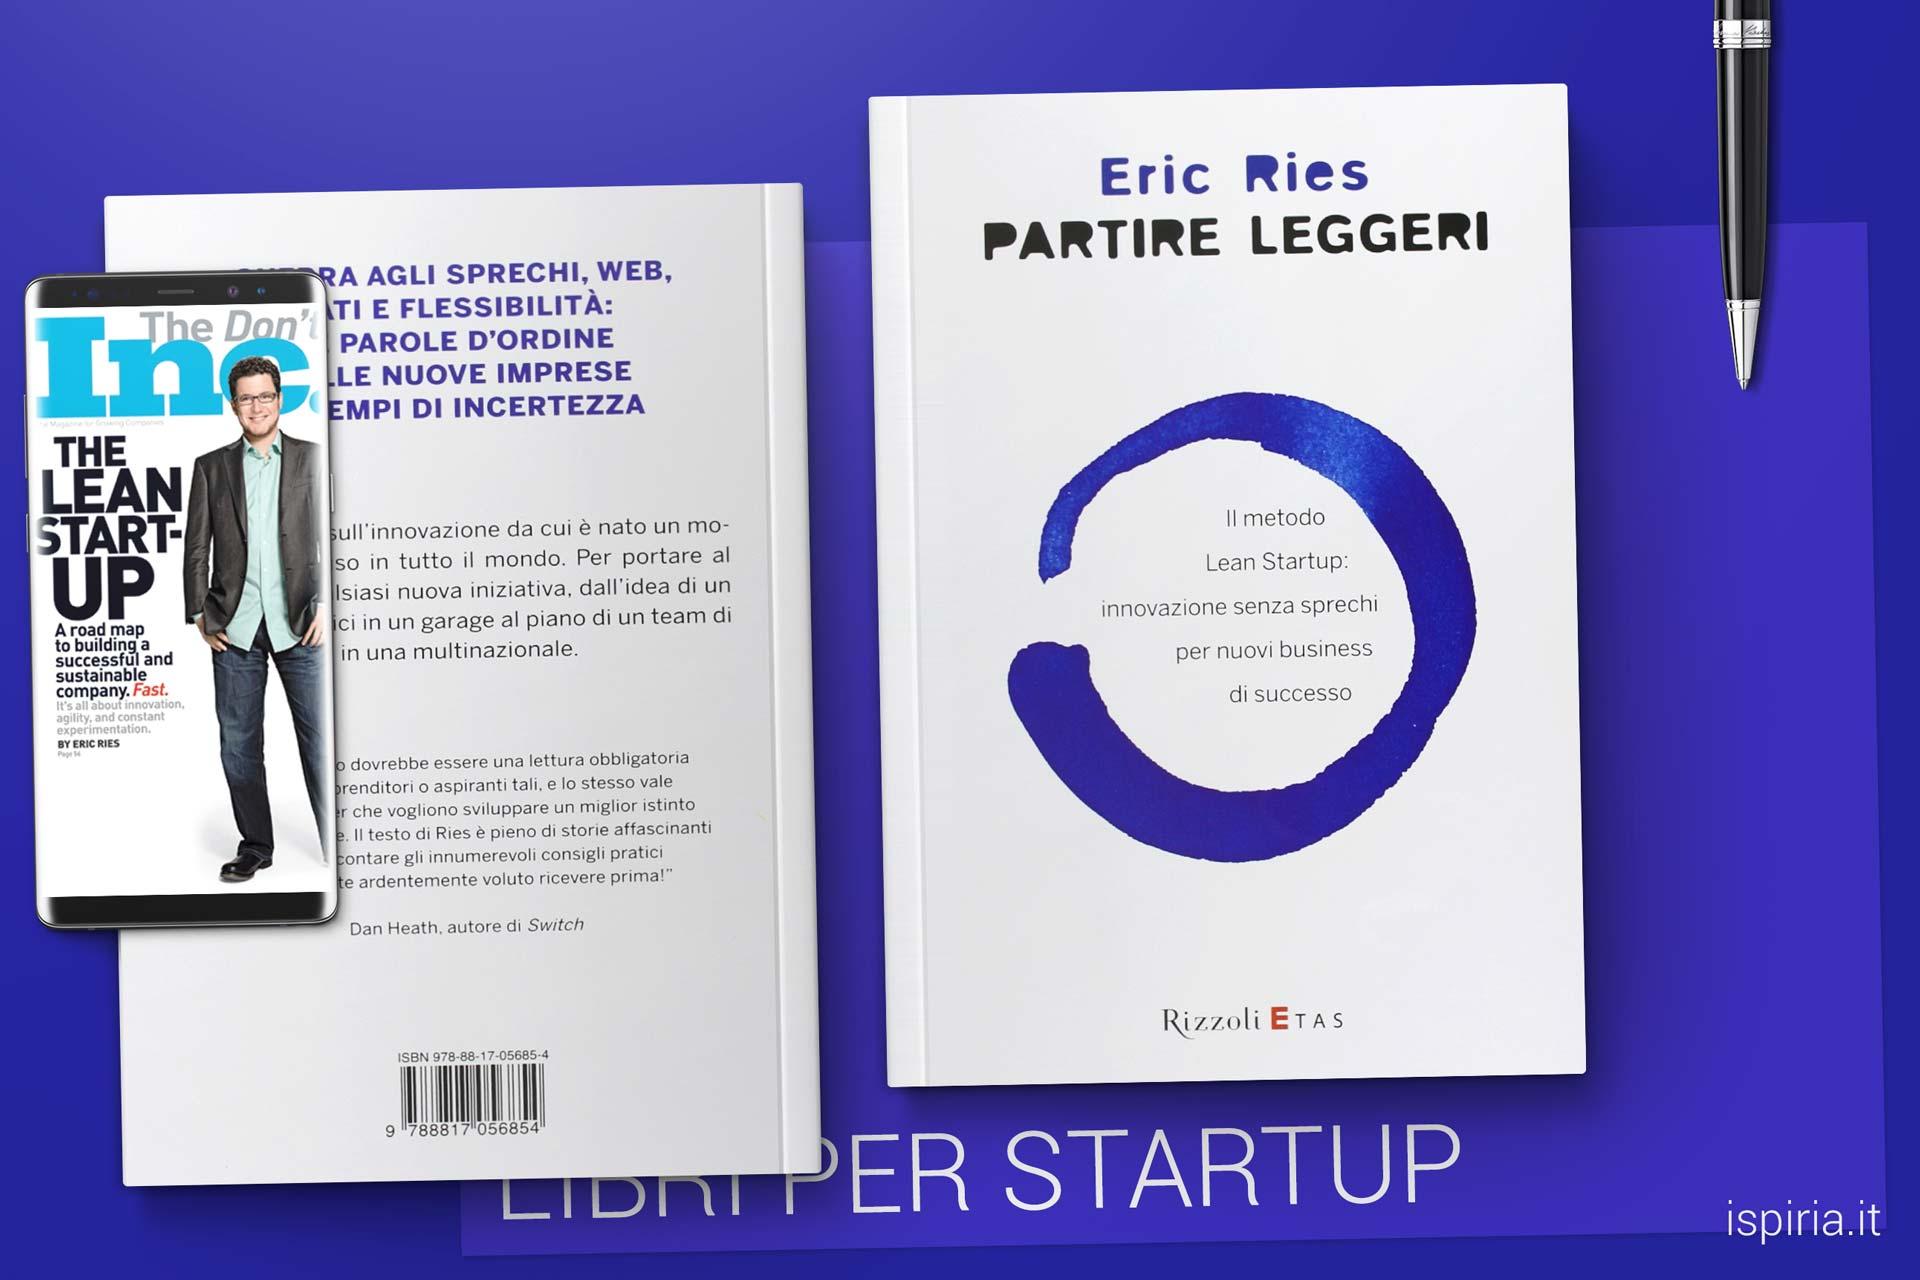 libri-per-startup-lean-partire-leggeri-eric-ries-imprenditoria